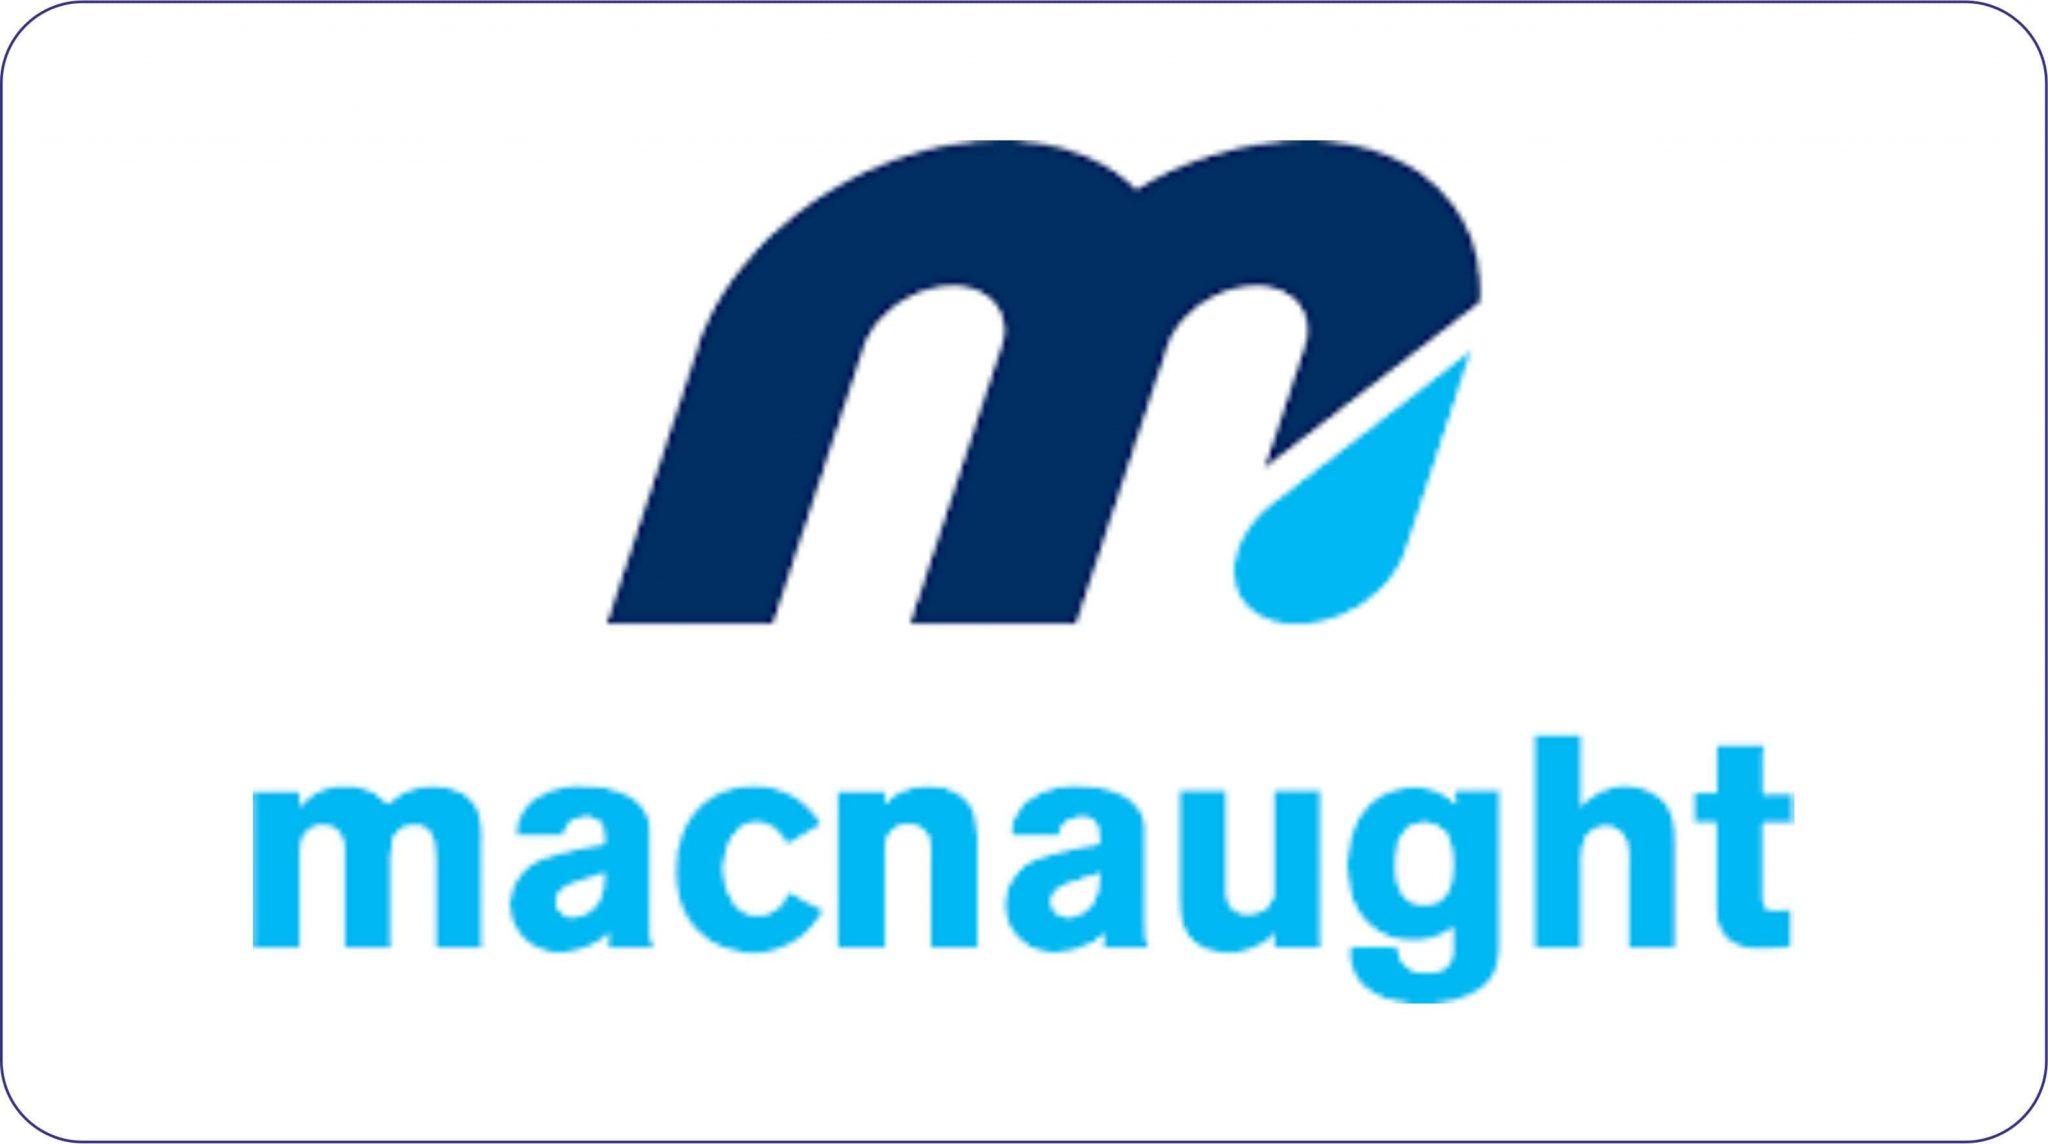 MACNAUGHT-min